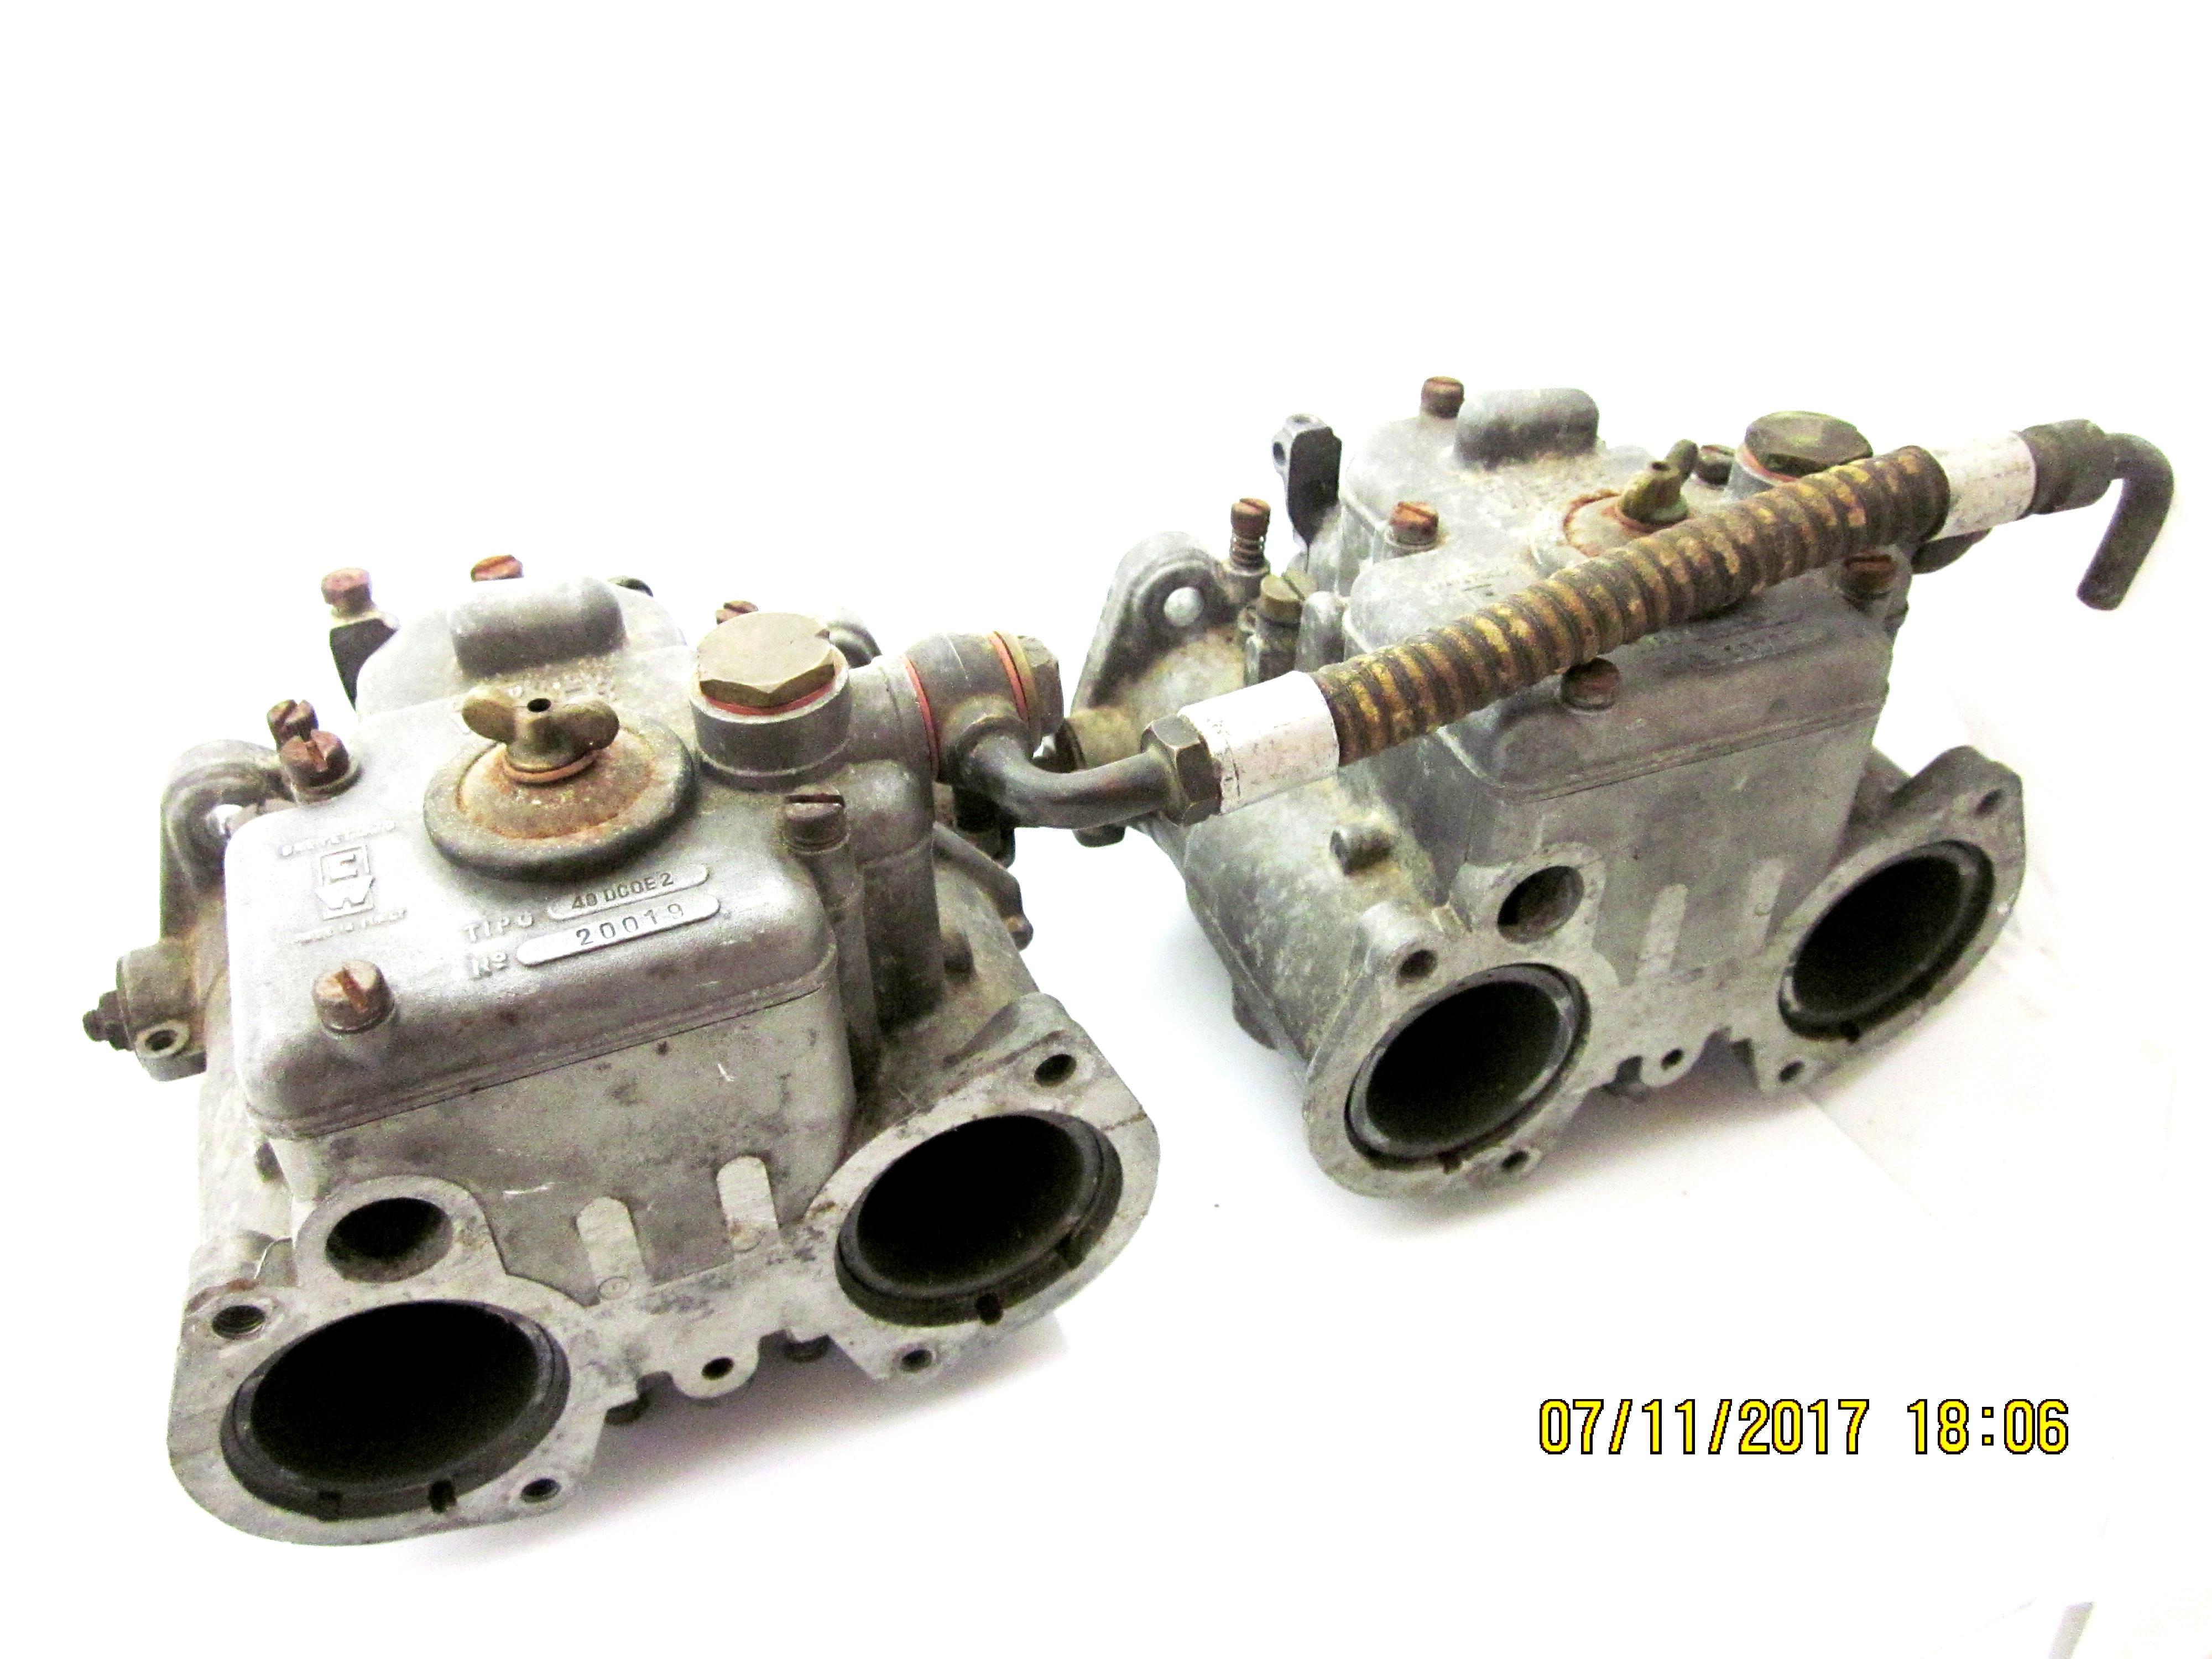 זוג מקורי אלפא רומיאו ג 'ולייטה Veloce וובר 40 DCOE 2 Carburettors